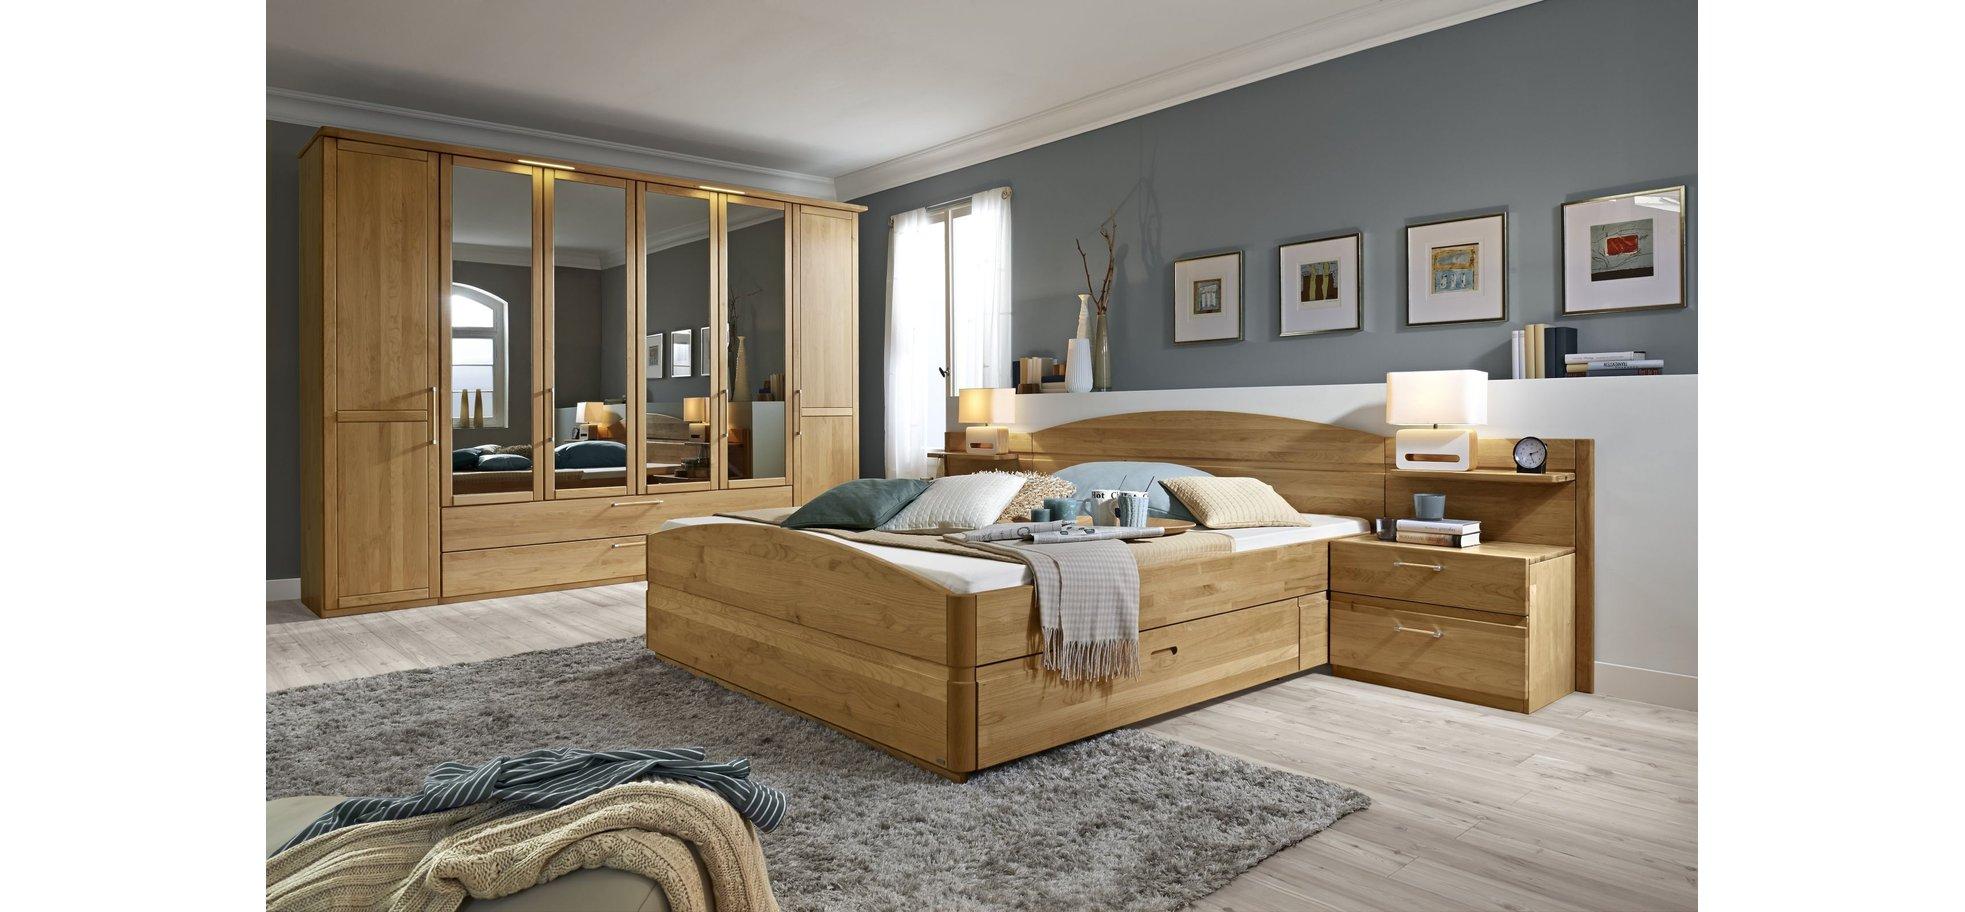 massives schlafzimmer in erle m belhaus pohl wilhelmshaven friesland m belhaus pohl gmbh. Black Bedroom Furniture Sets. Home Design Ideas